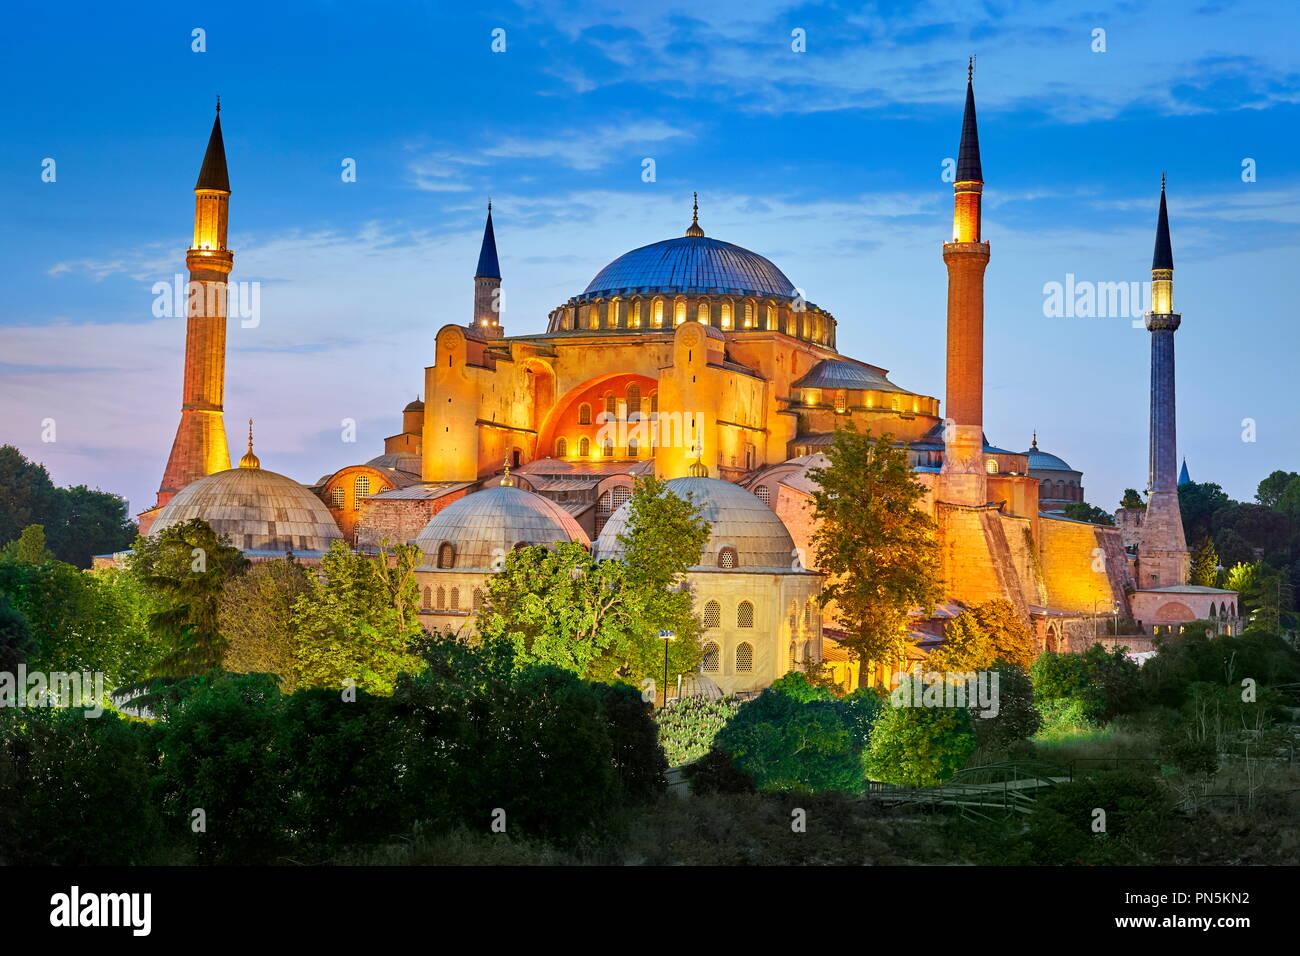 Hagia Sophia en luz del atardecer, el Ayasofya, Estambul, Turquía Imagen De Stock